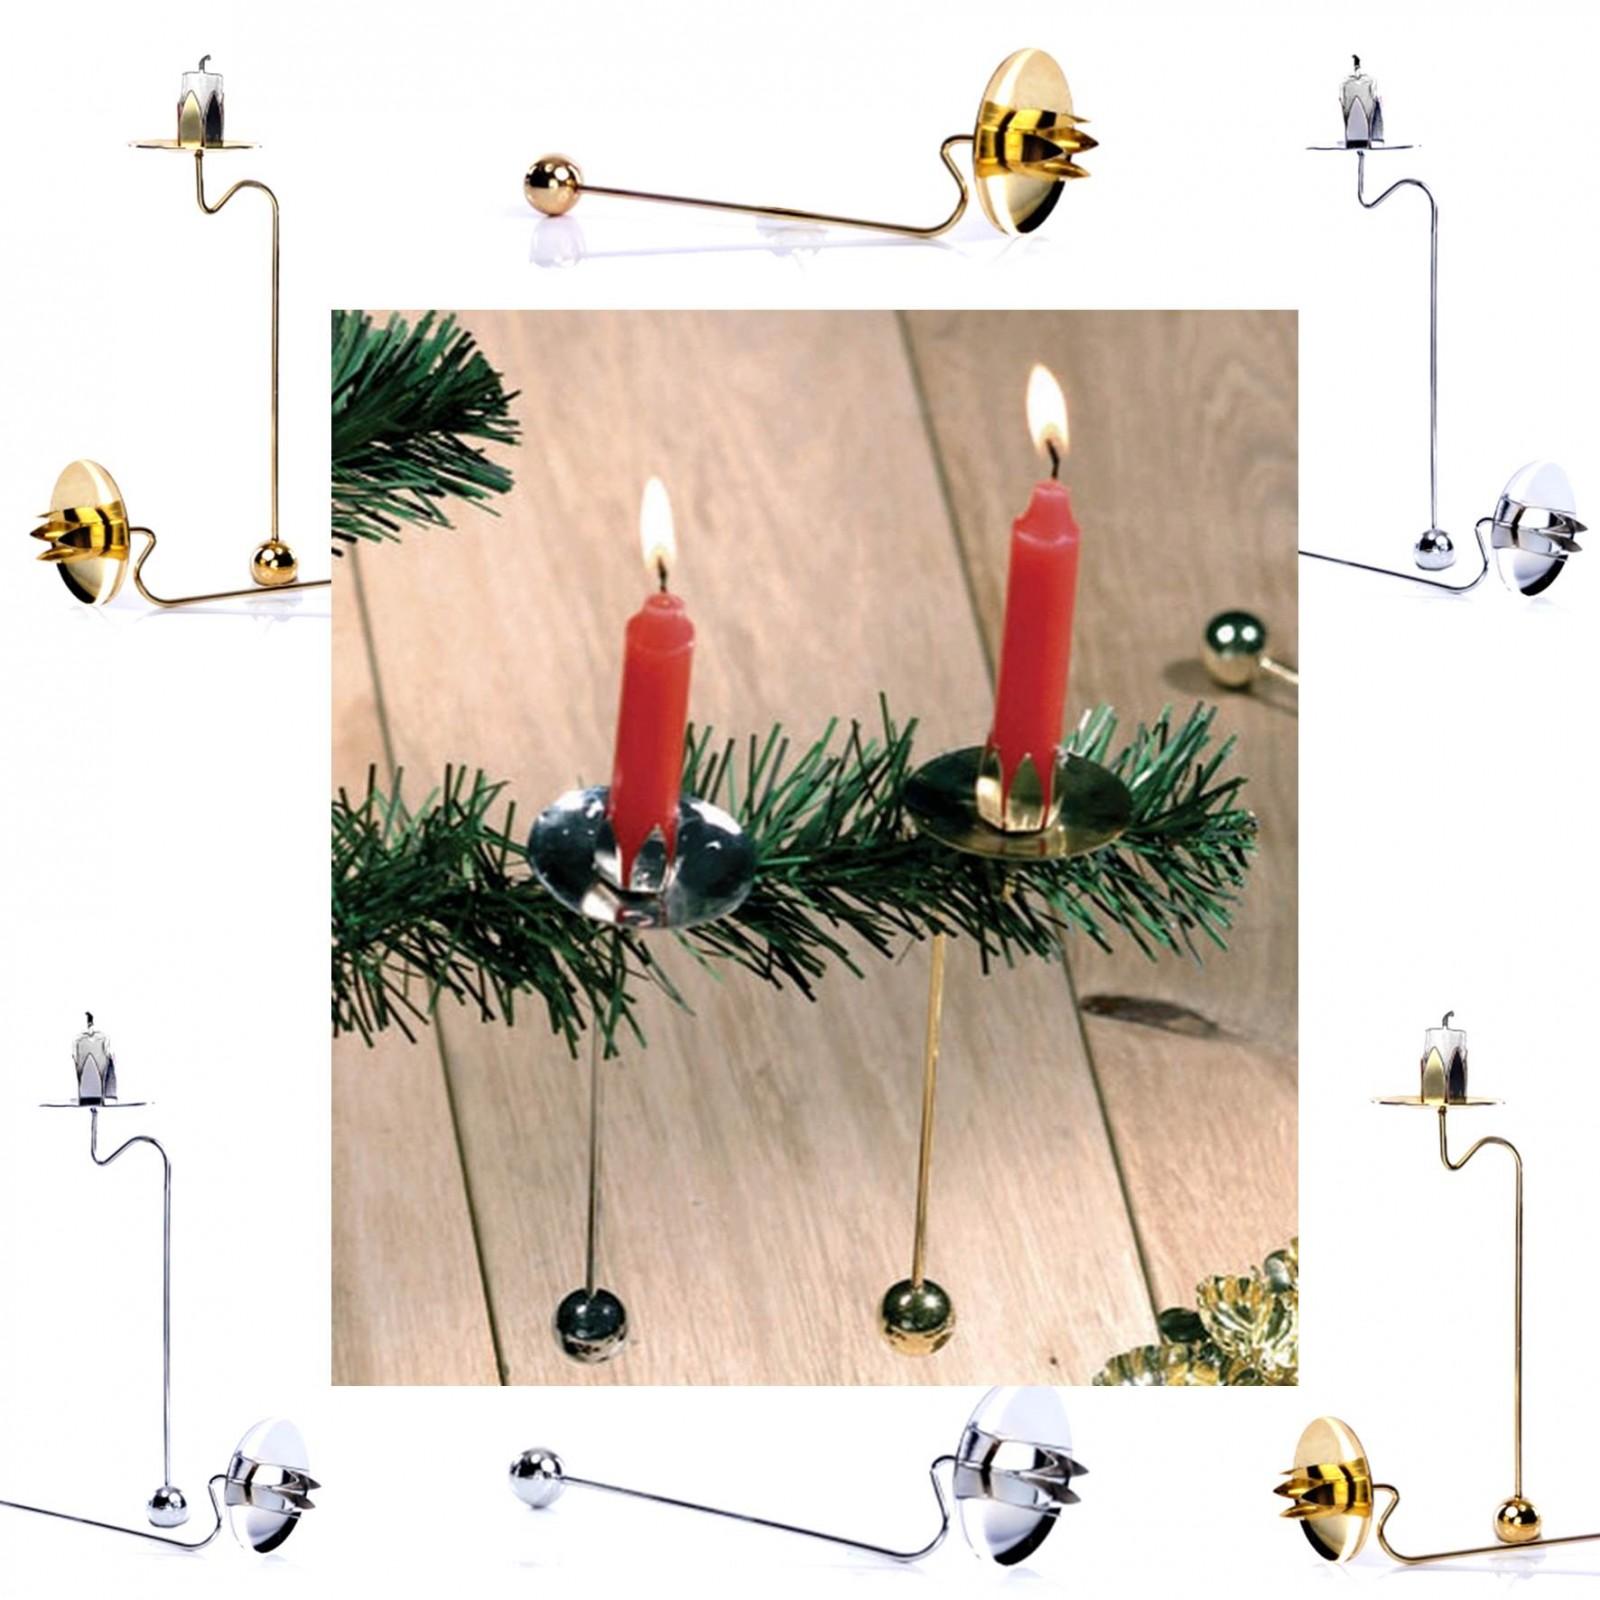 12er set kerzenhalter balancekerzenhalter baumkerzenhalter gold silber chrom ebay. Black Bedroom Furniture Sets. Home Design Ideas